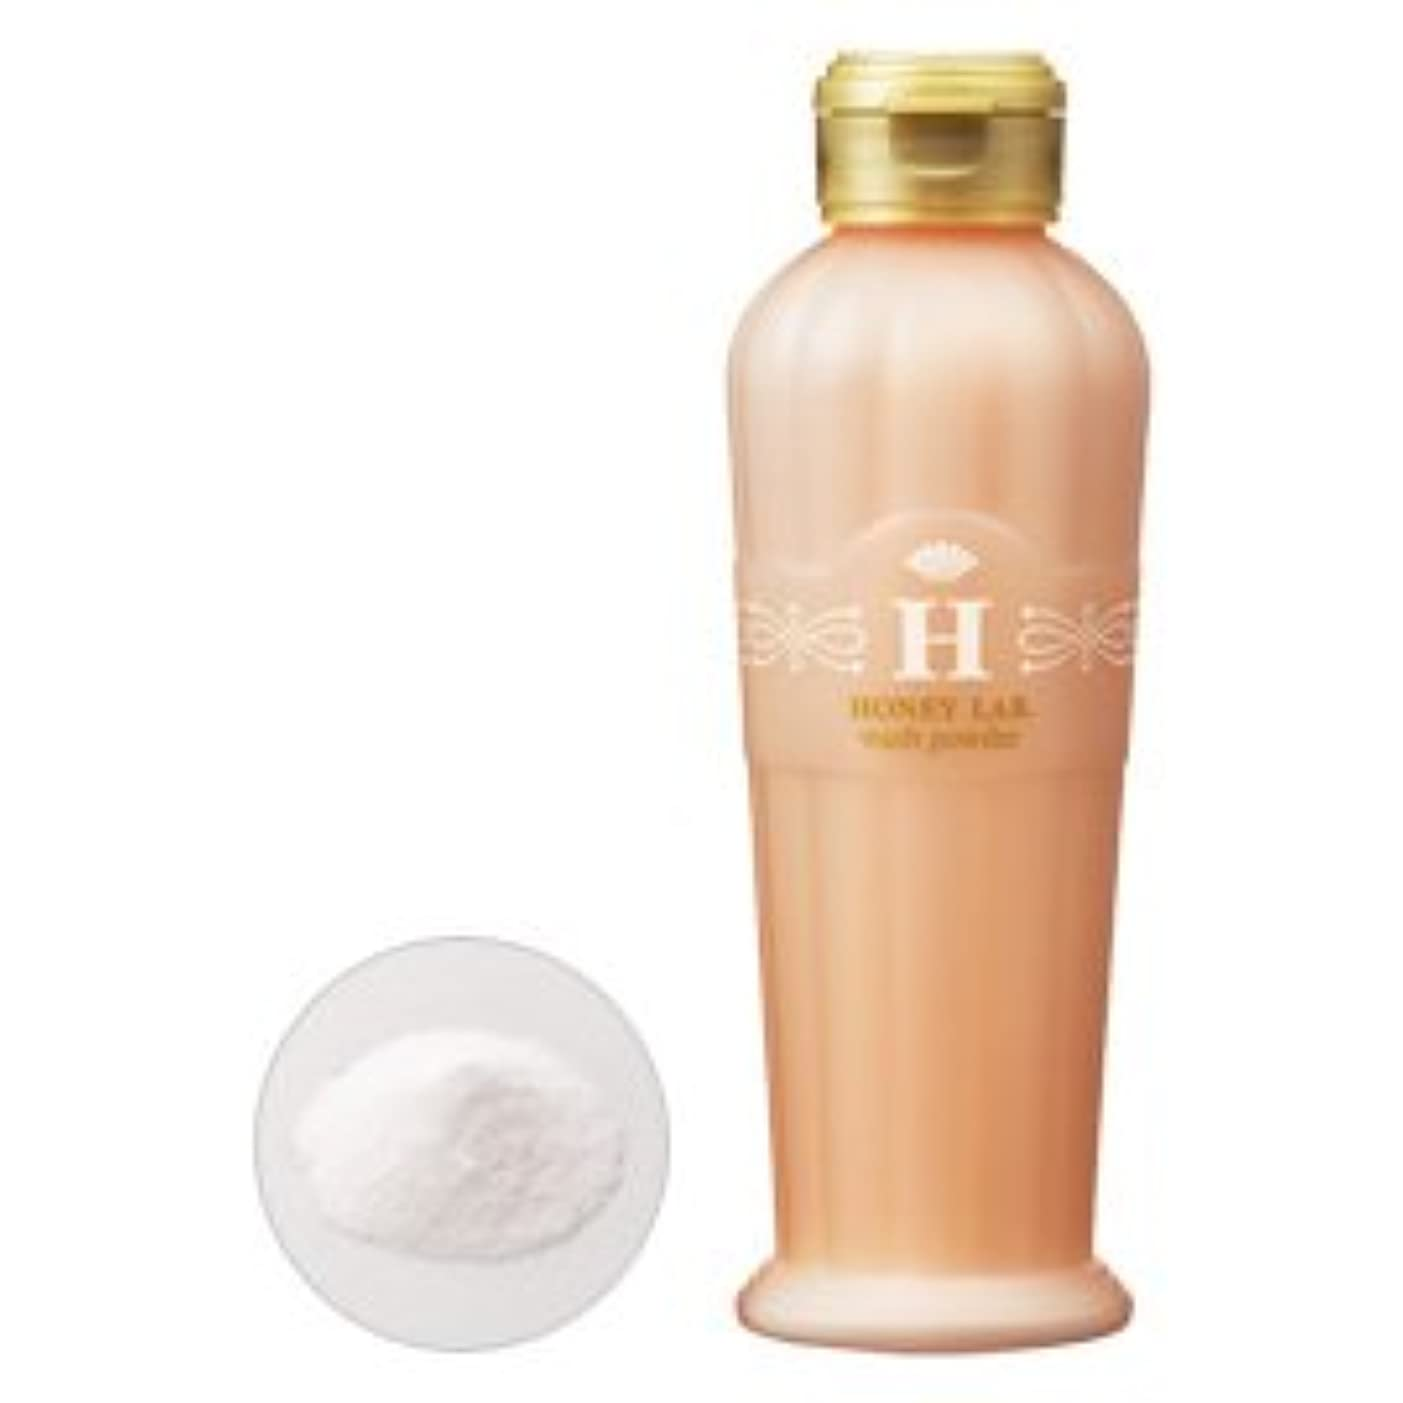 穴テクスチャーサイトラインハニーラボ 洗顔パウダー 粉末状洗顔料 60g/Honey lab Face Wash Powder <60g>